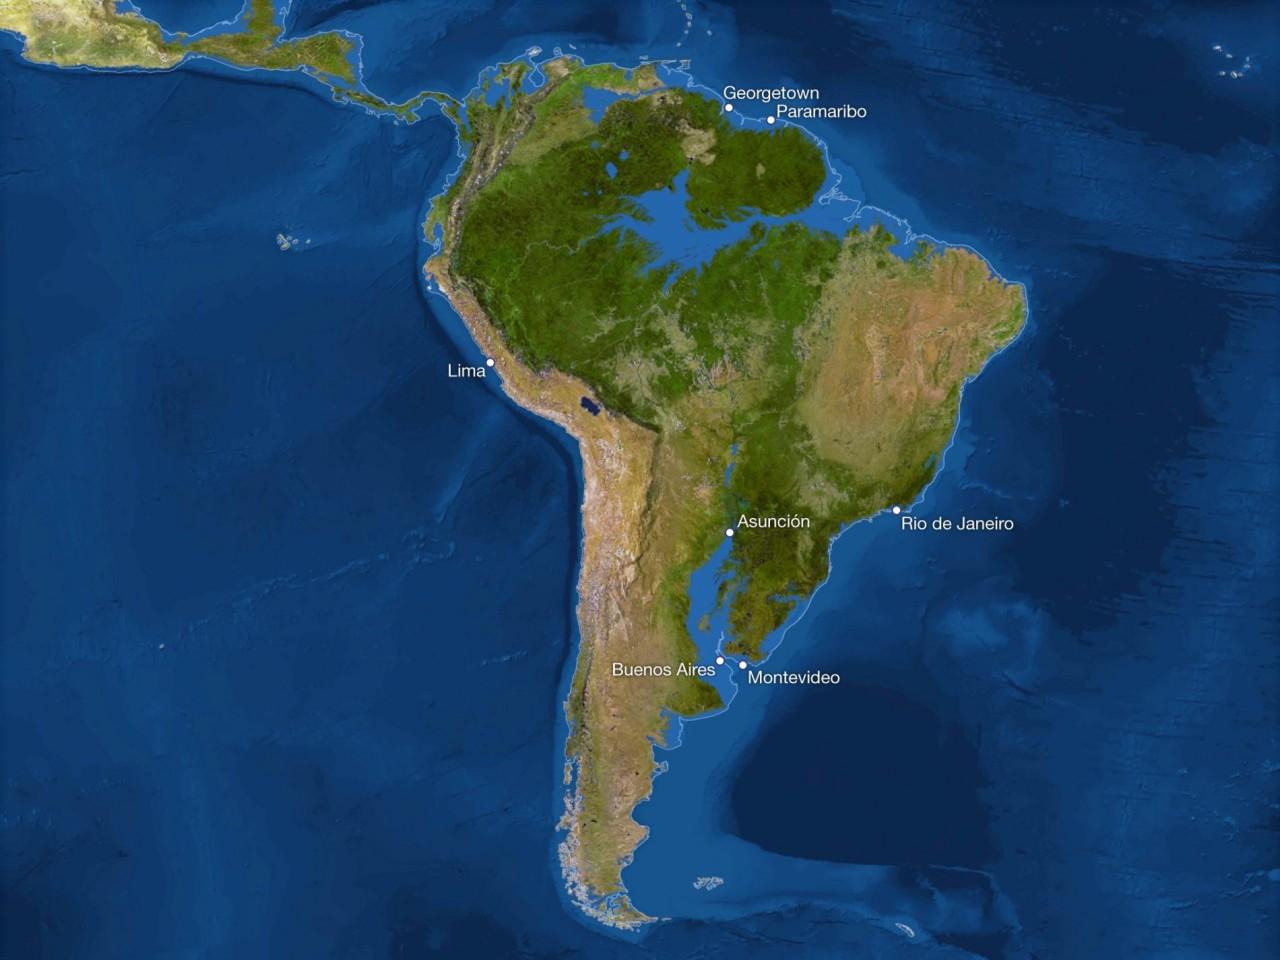 Карта мира после таяния всех льдов